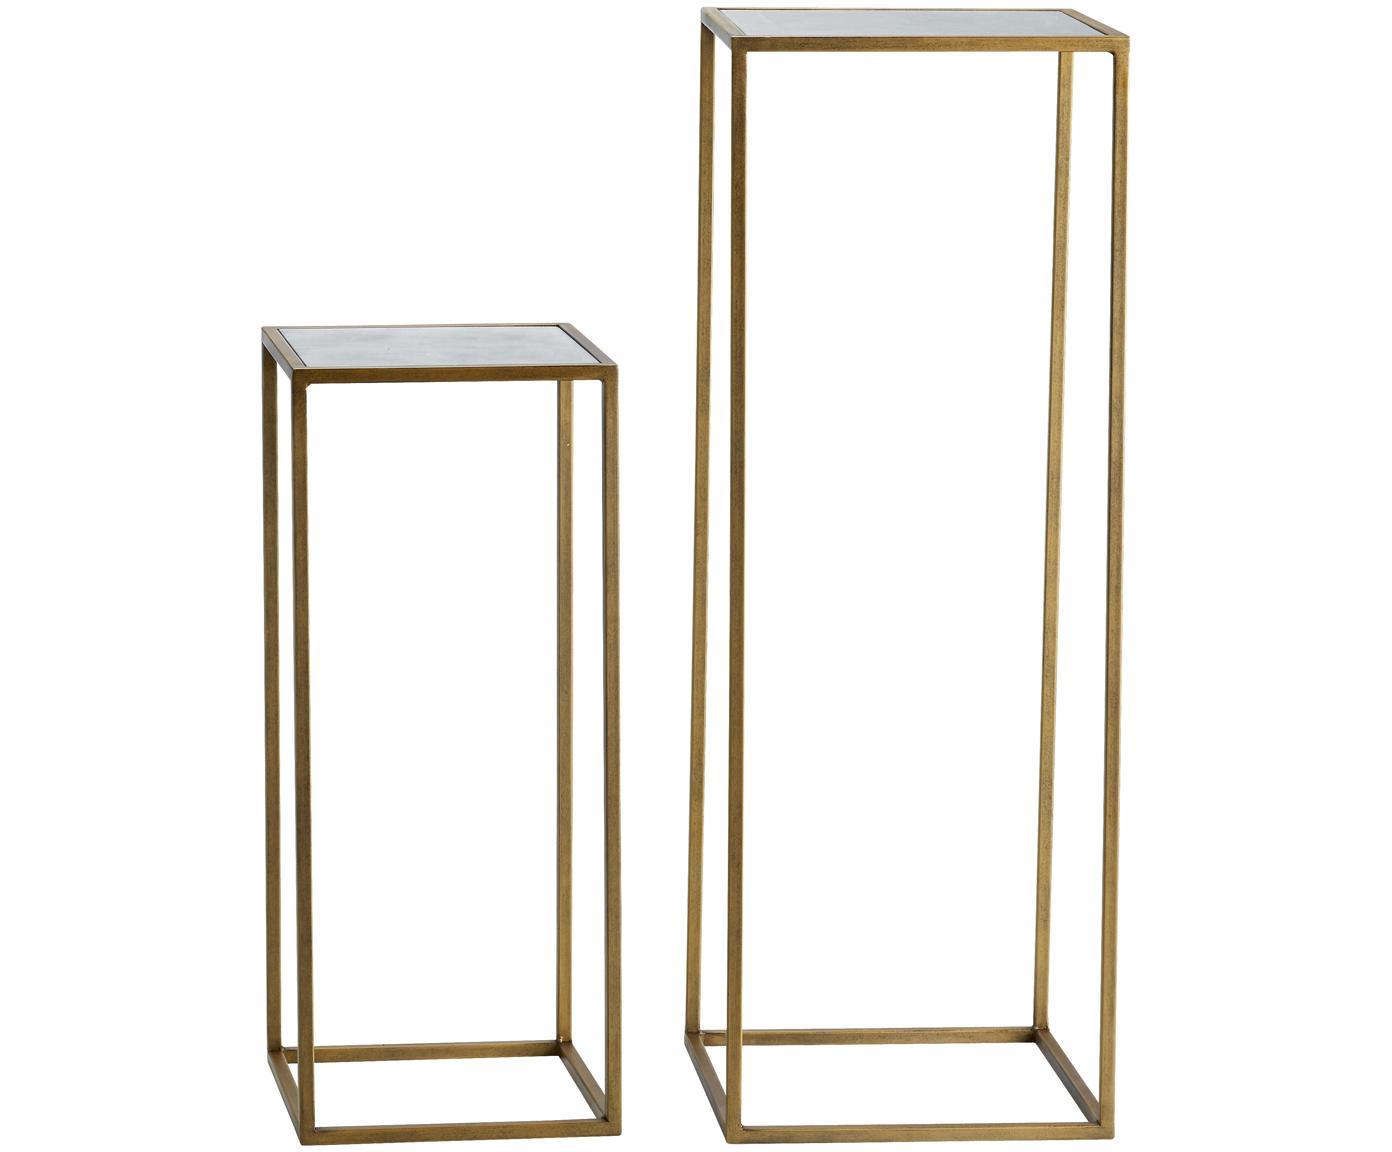 Set de mesas auxiliares Honey, 2uds., tablero de espejo, Estructura: metal, pintado, Tablero: espejo de cristal mate, Latón, Tamaños diferentes